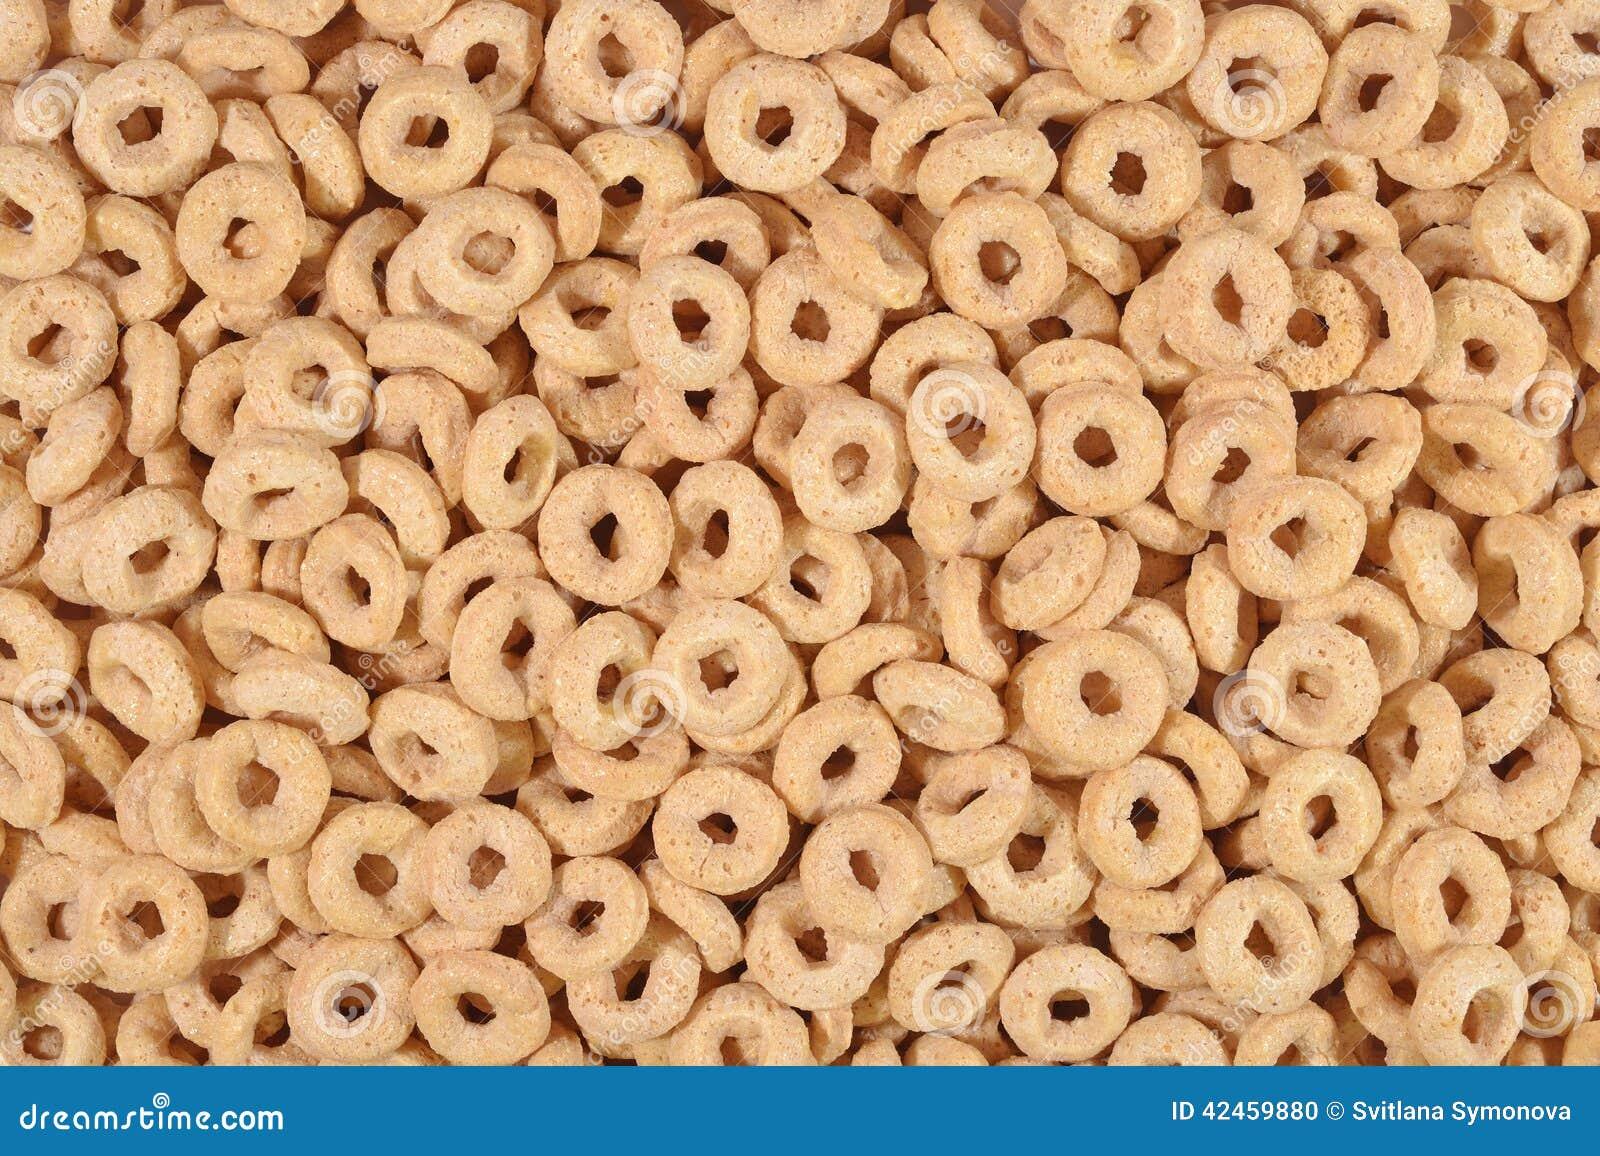 Frühstückskost aus Getreide schellt Hintergrund